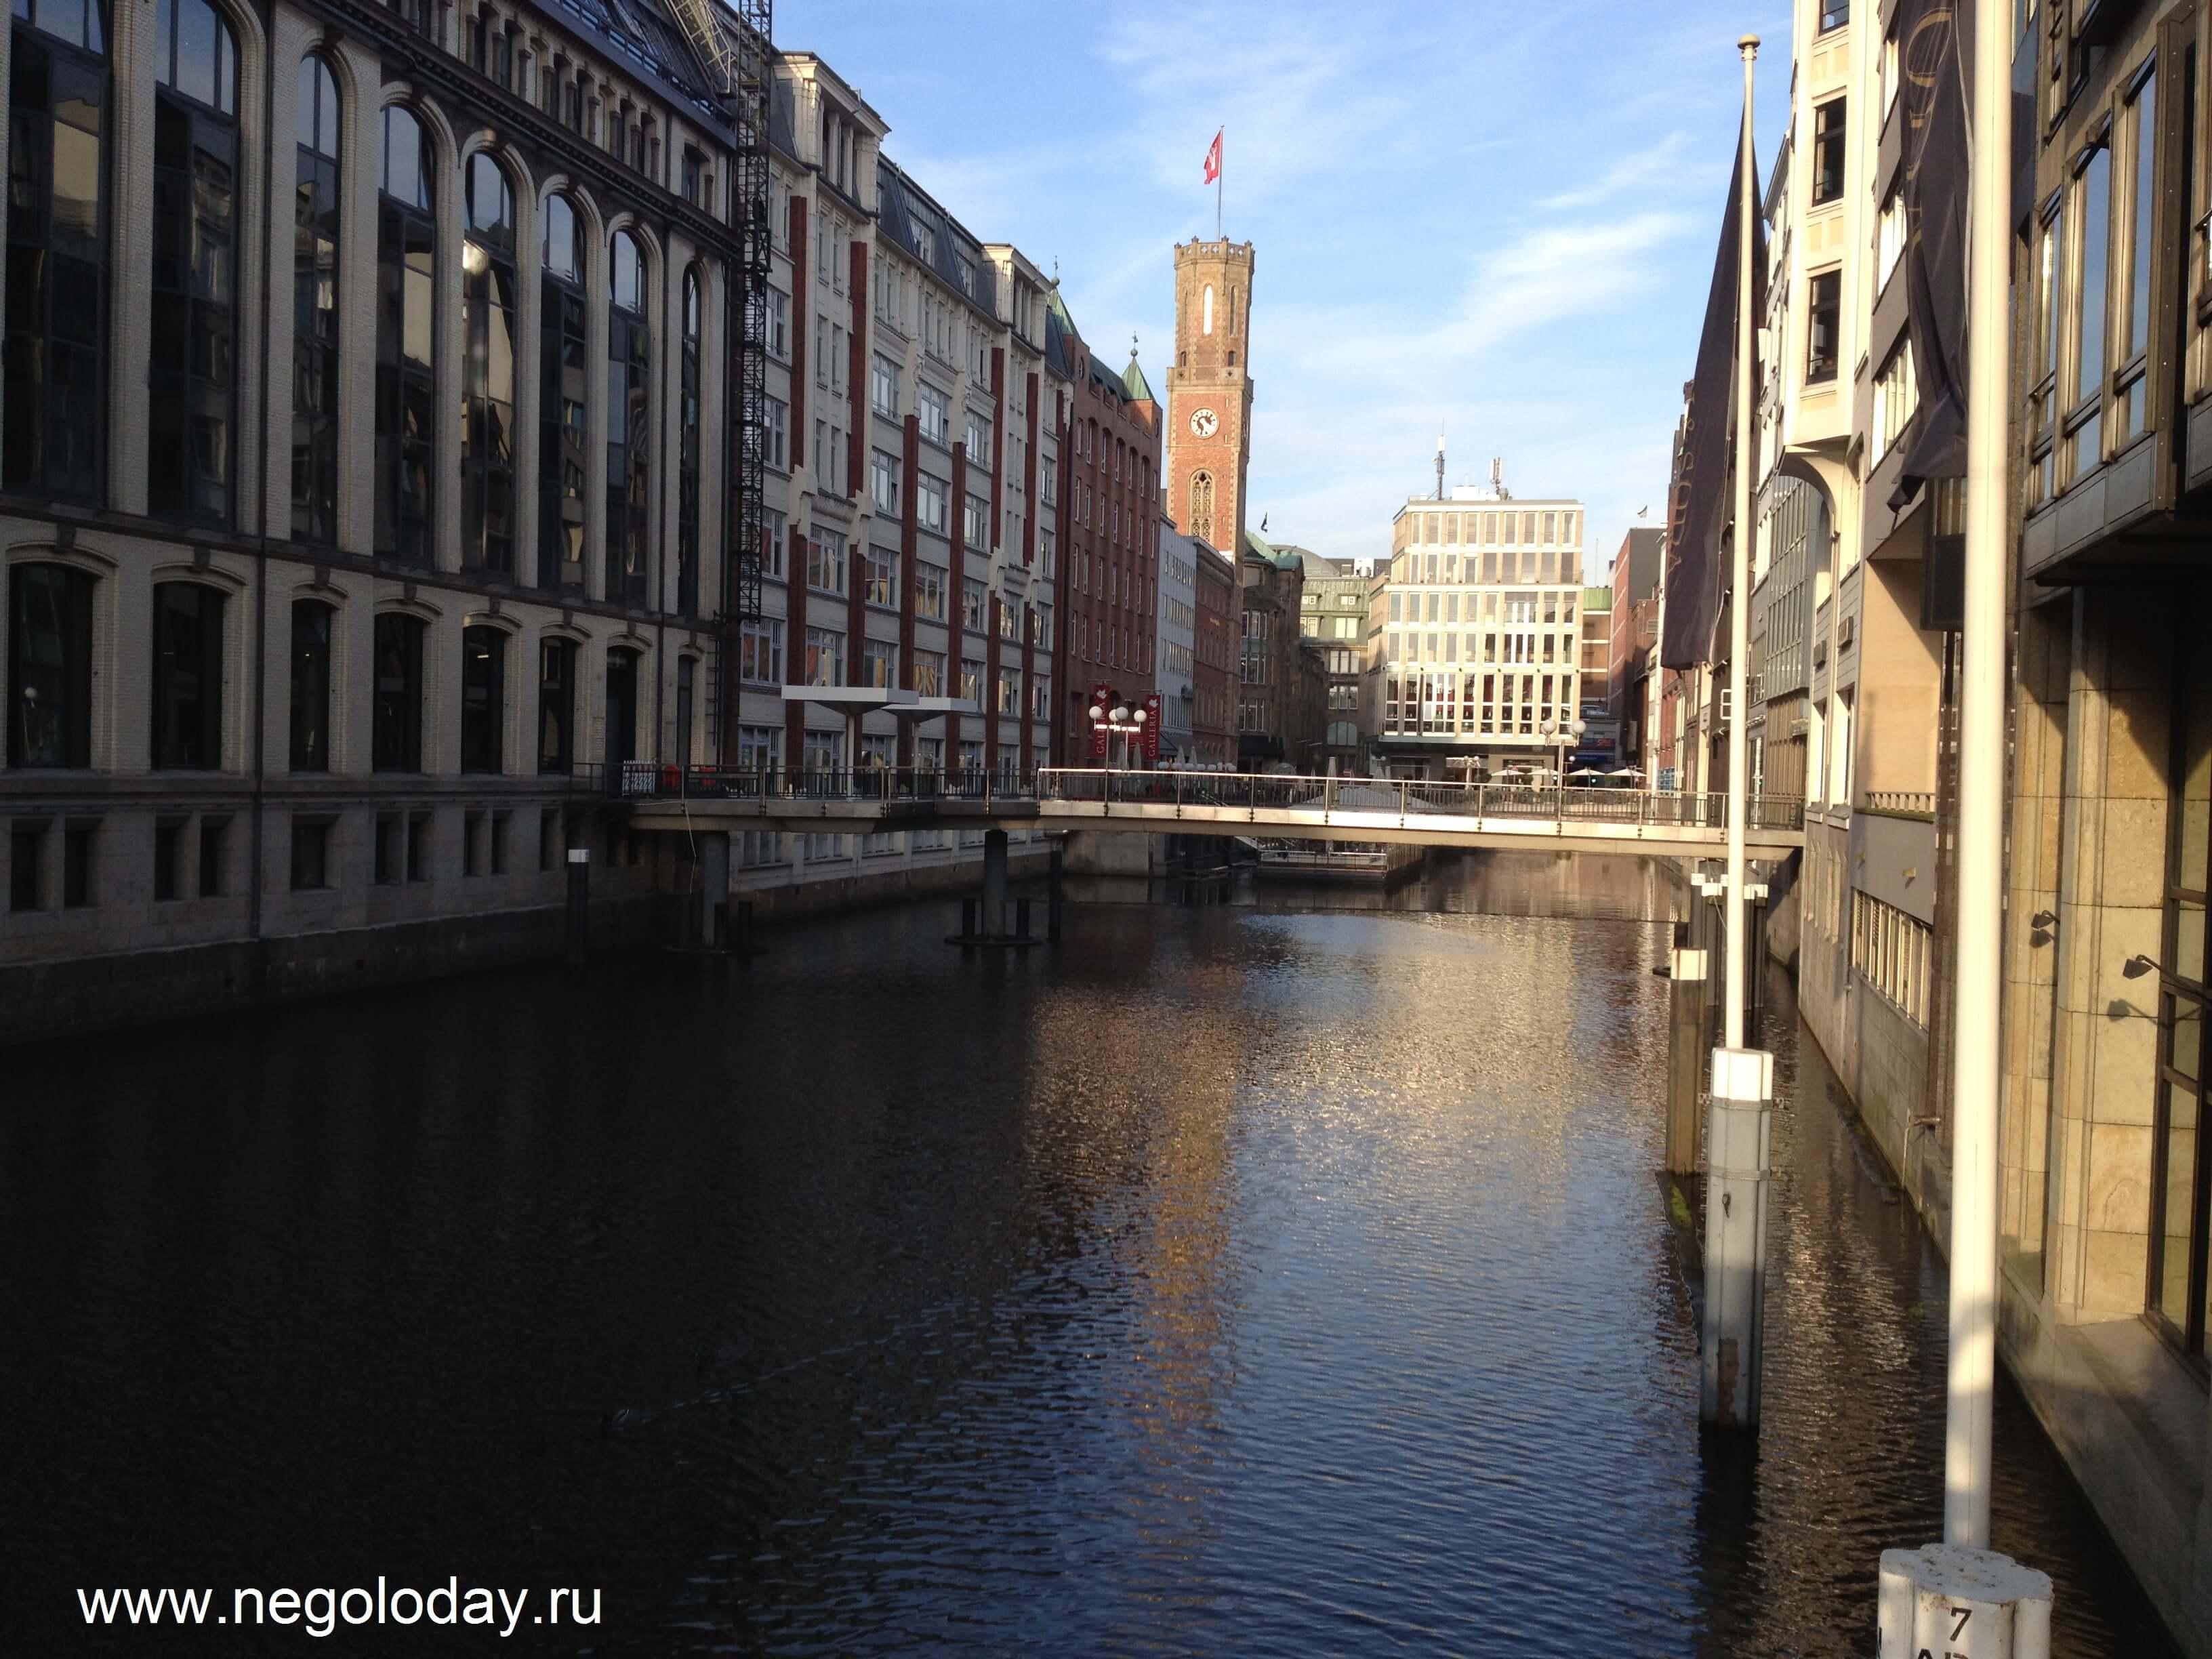 """Каналы и мосты. Гамбург. Германия октябрь 2012г. Центр лечебного питания """"Negoloday.ru"""""""